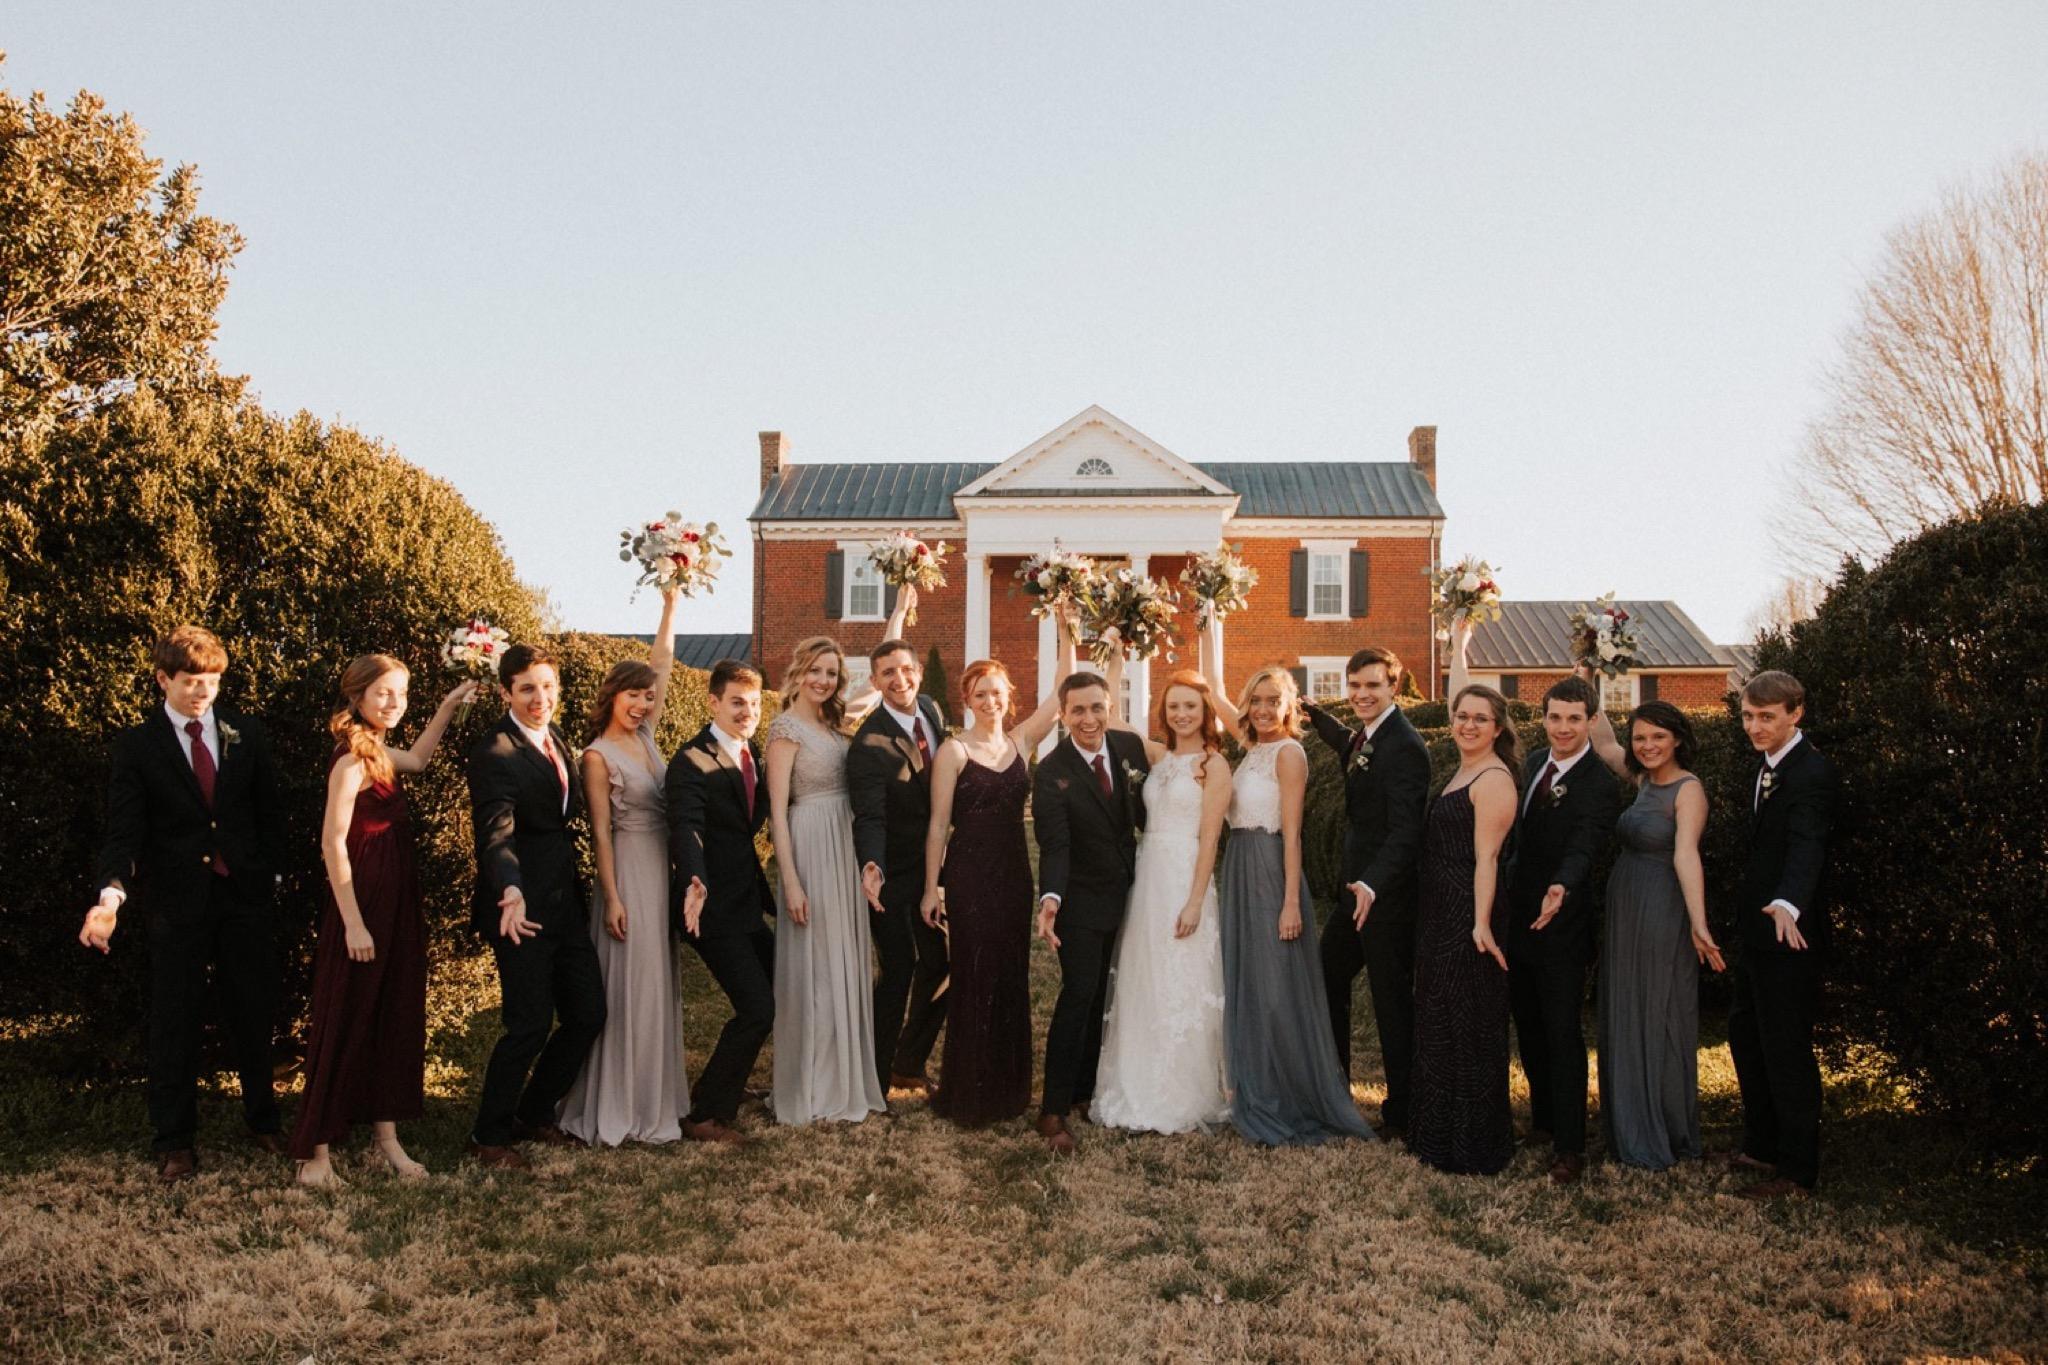 64_West Manor Estate Weddings - Pat Cori Photography-134_Weddingparty_VirginiaWeddingPhotographer_WestManorEstate_Portraits_Wedding.jpg